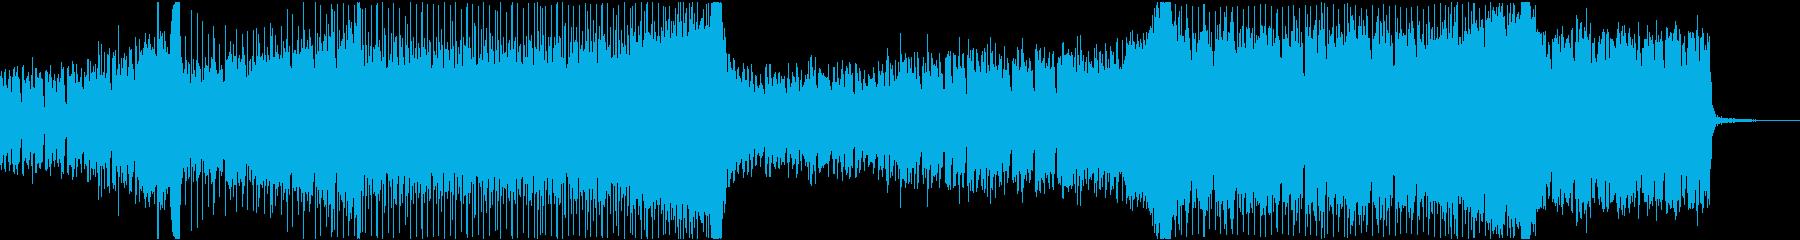 陽気なEDMっぽいBGMの再生済みの波形